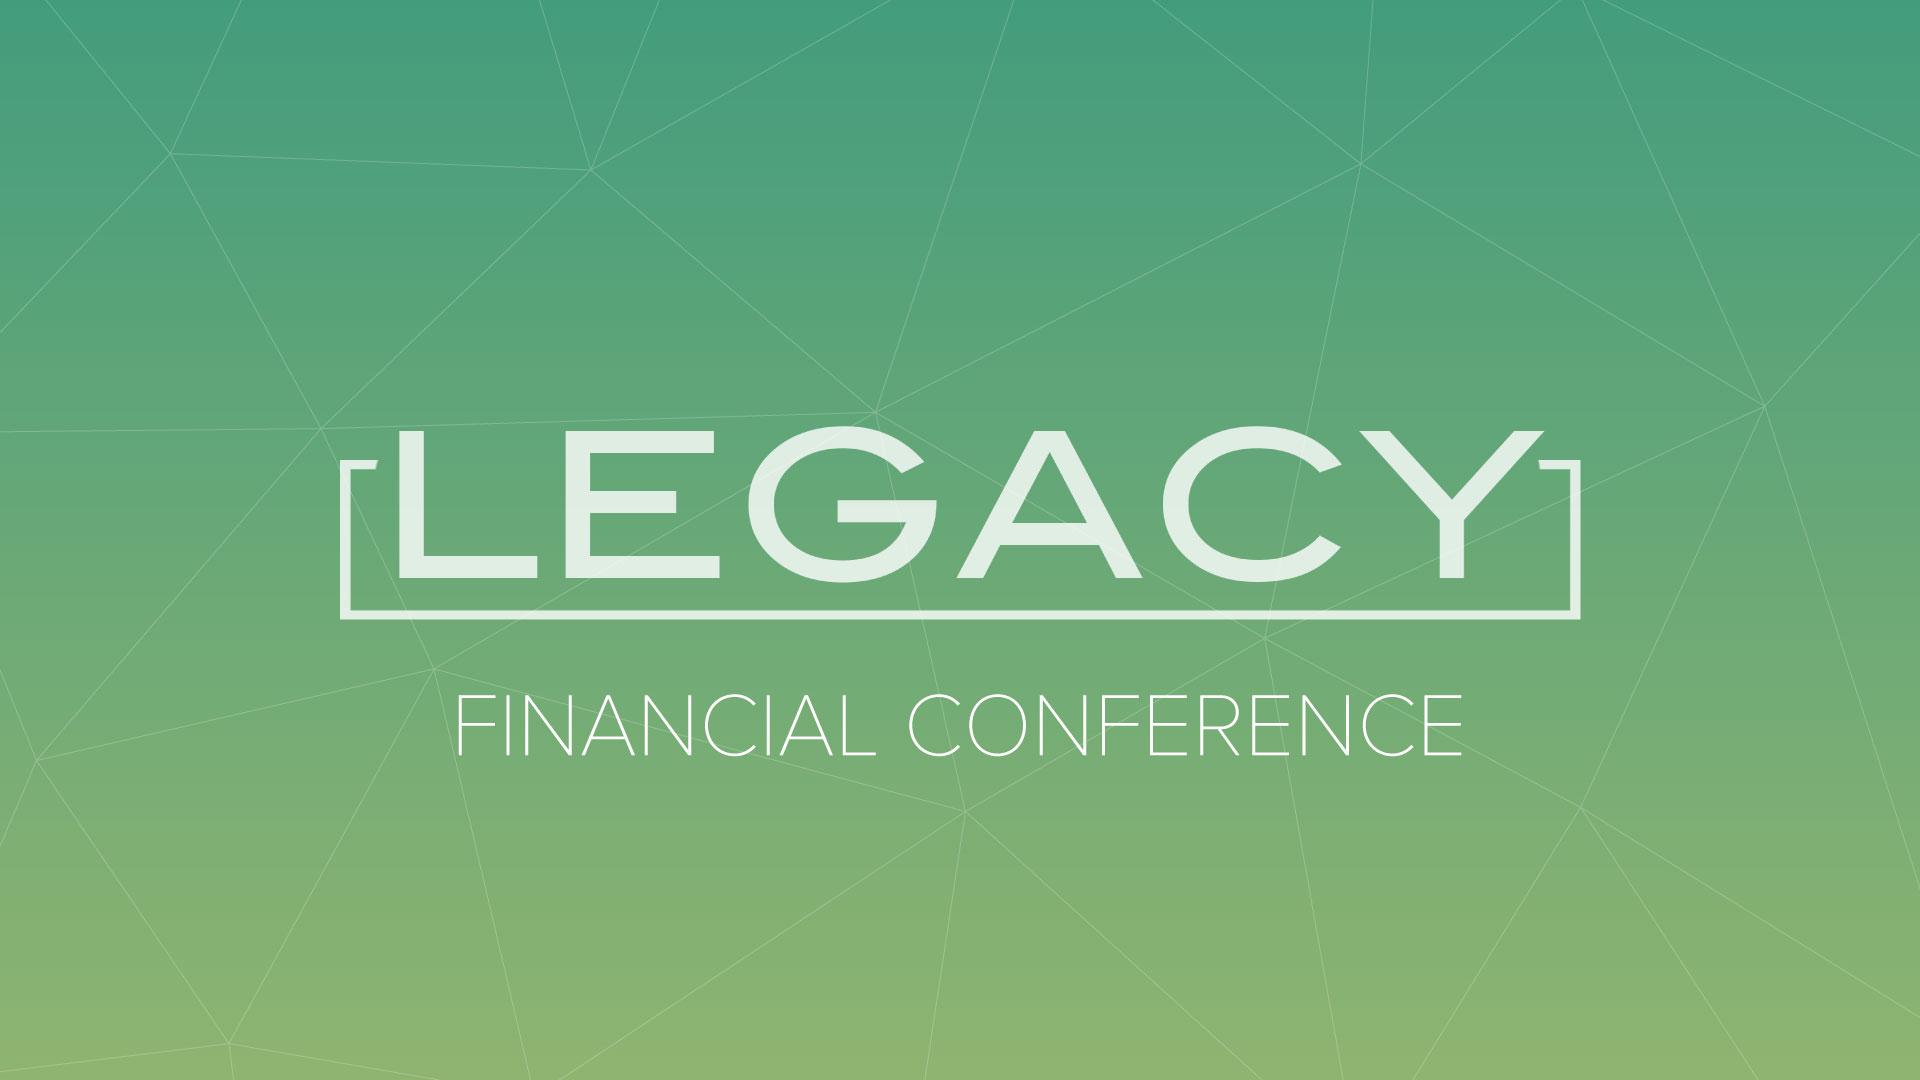 legacy-main-logo.jpg